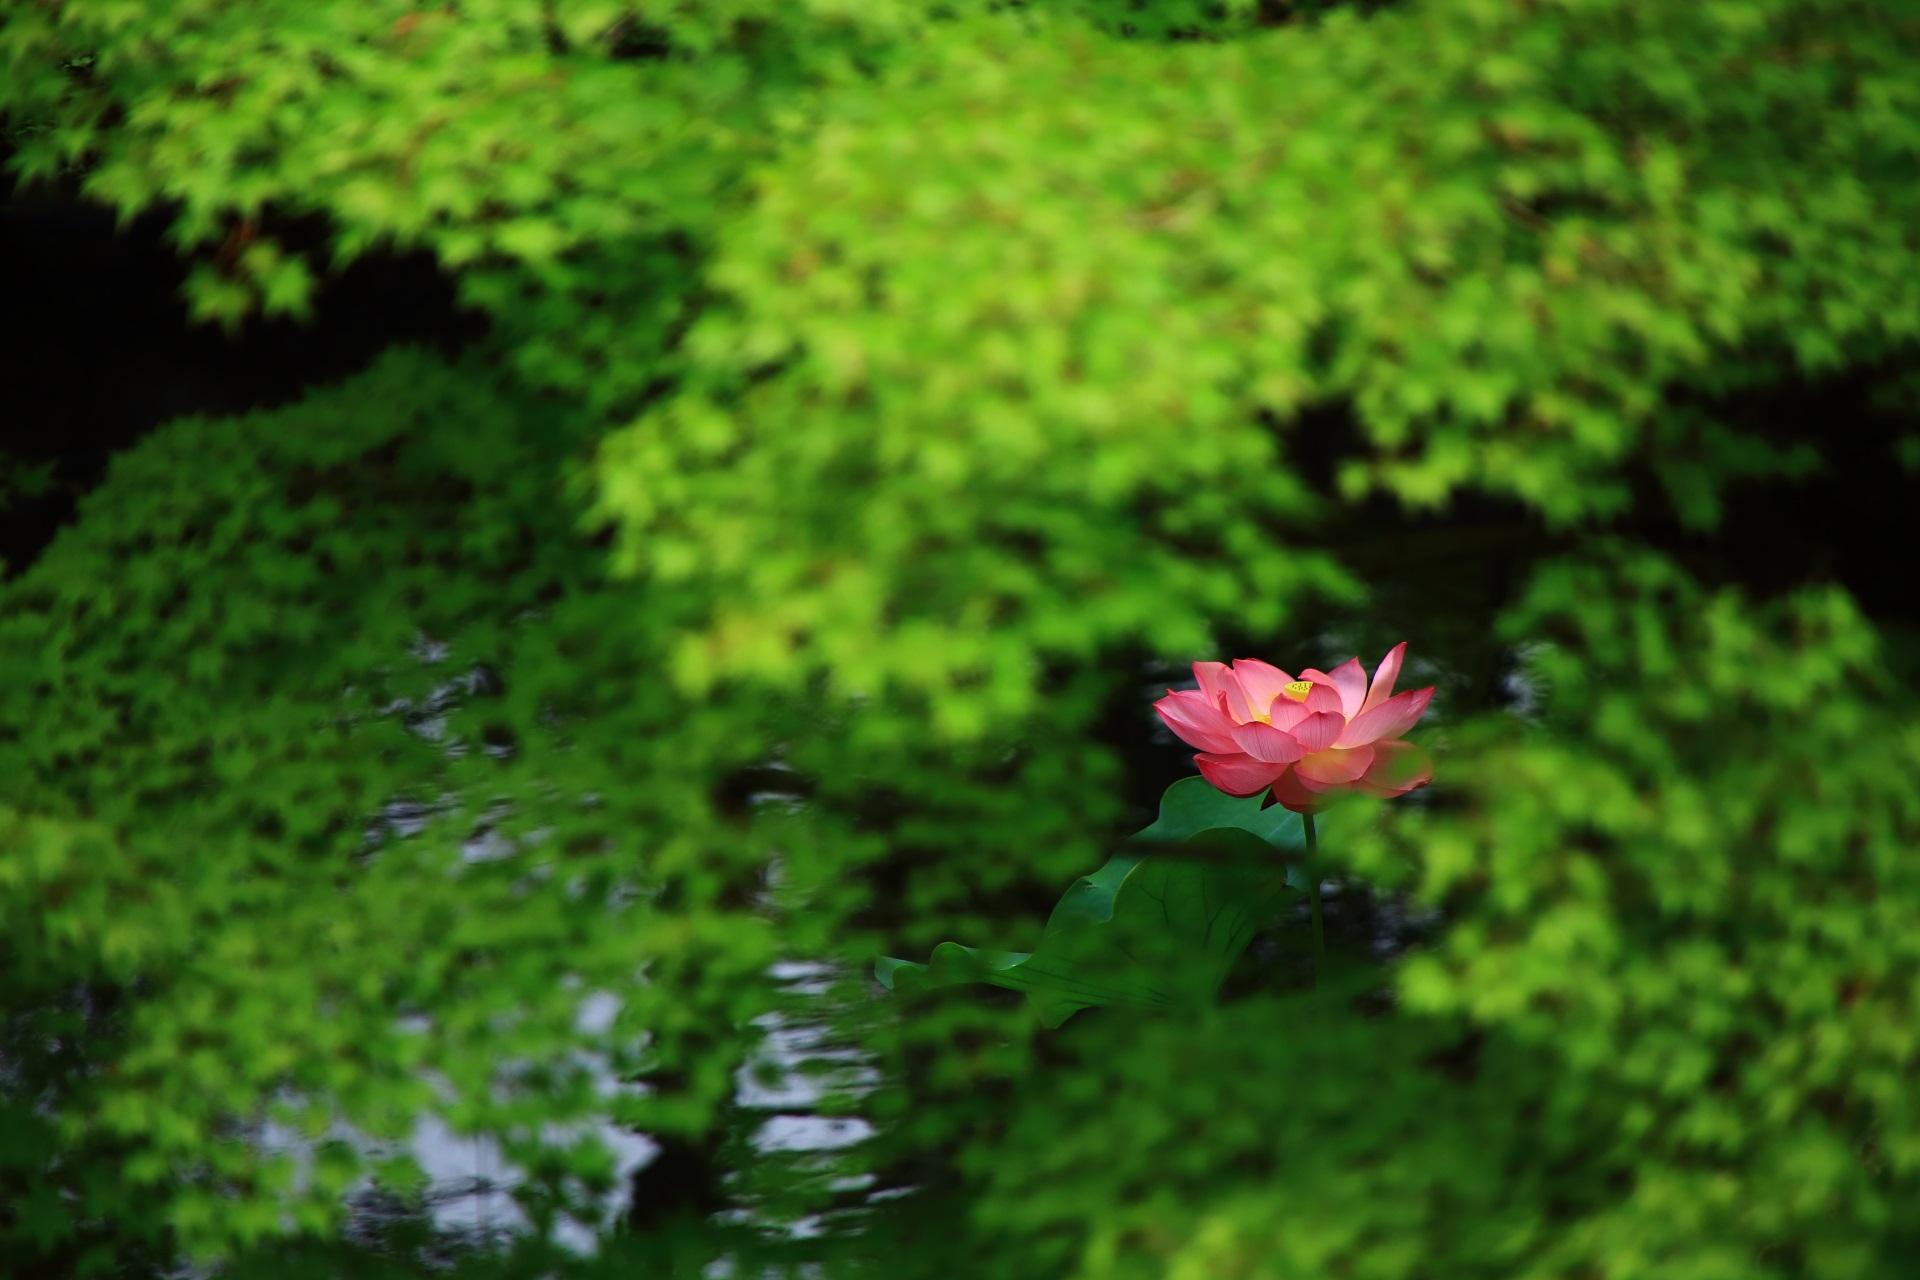 青もみじの間に咲く美しすぎる蓮の花と煌く水面